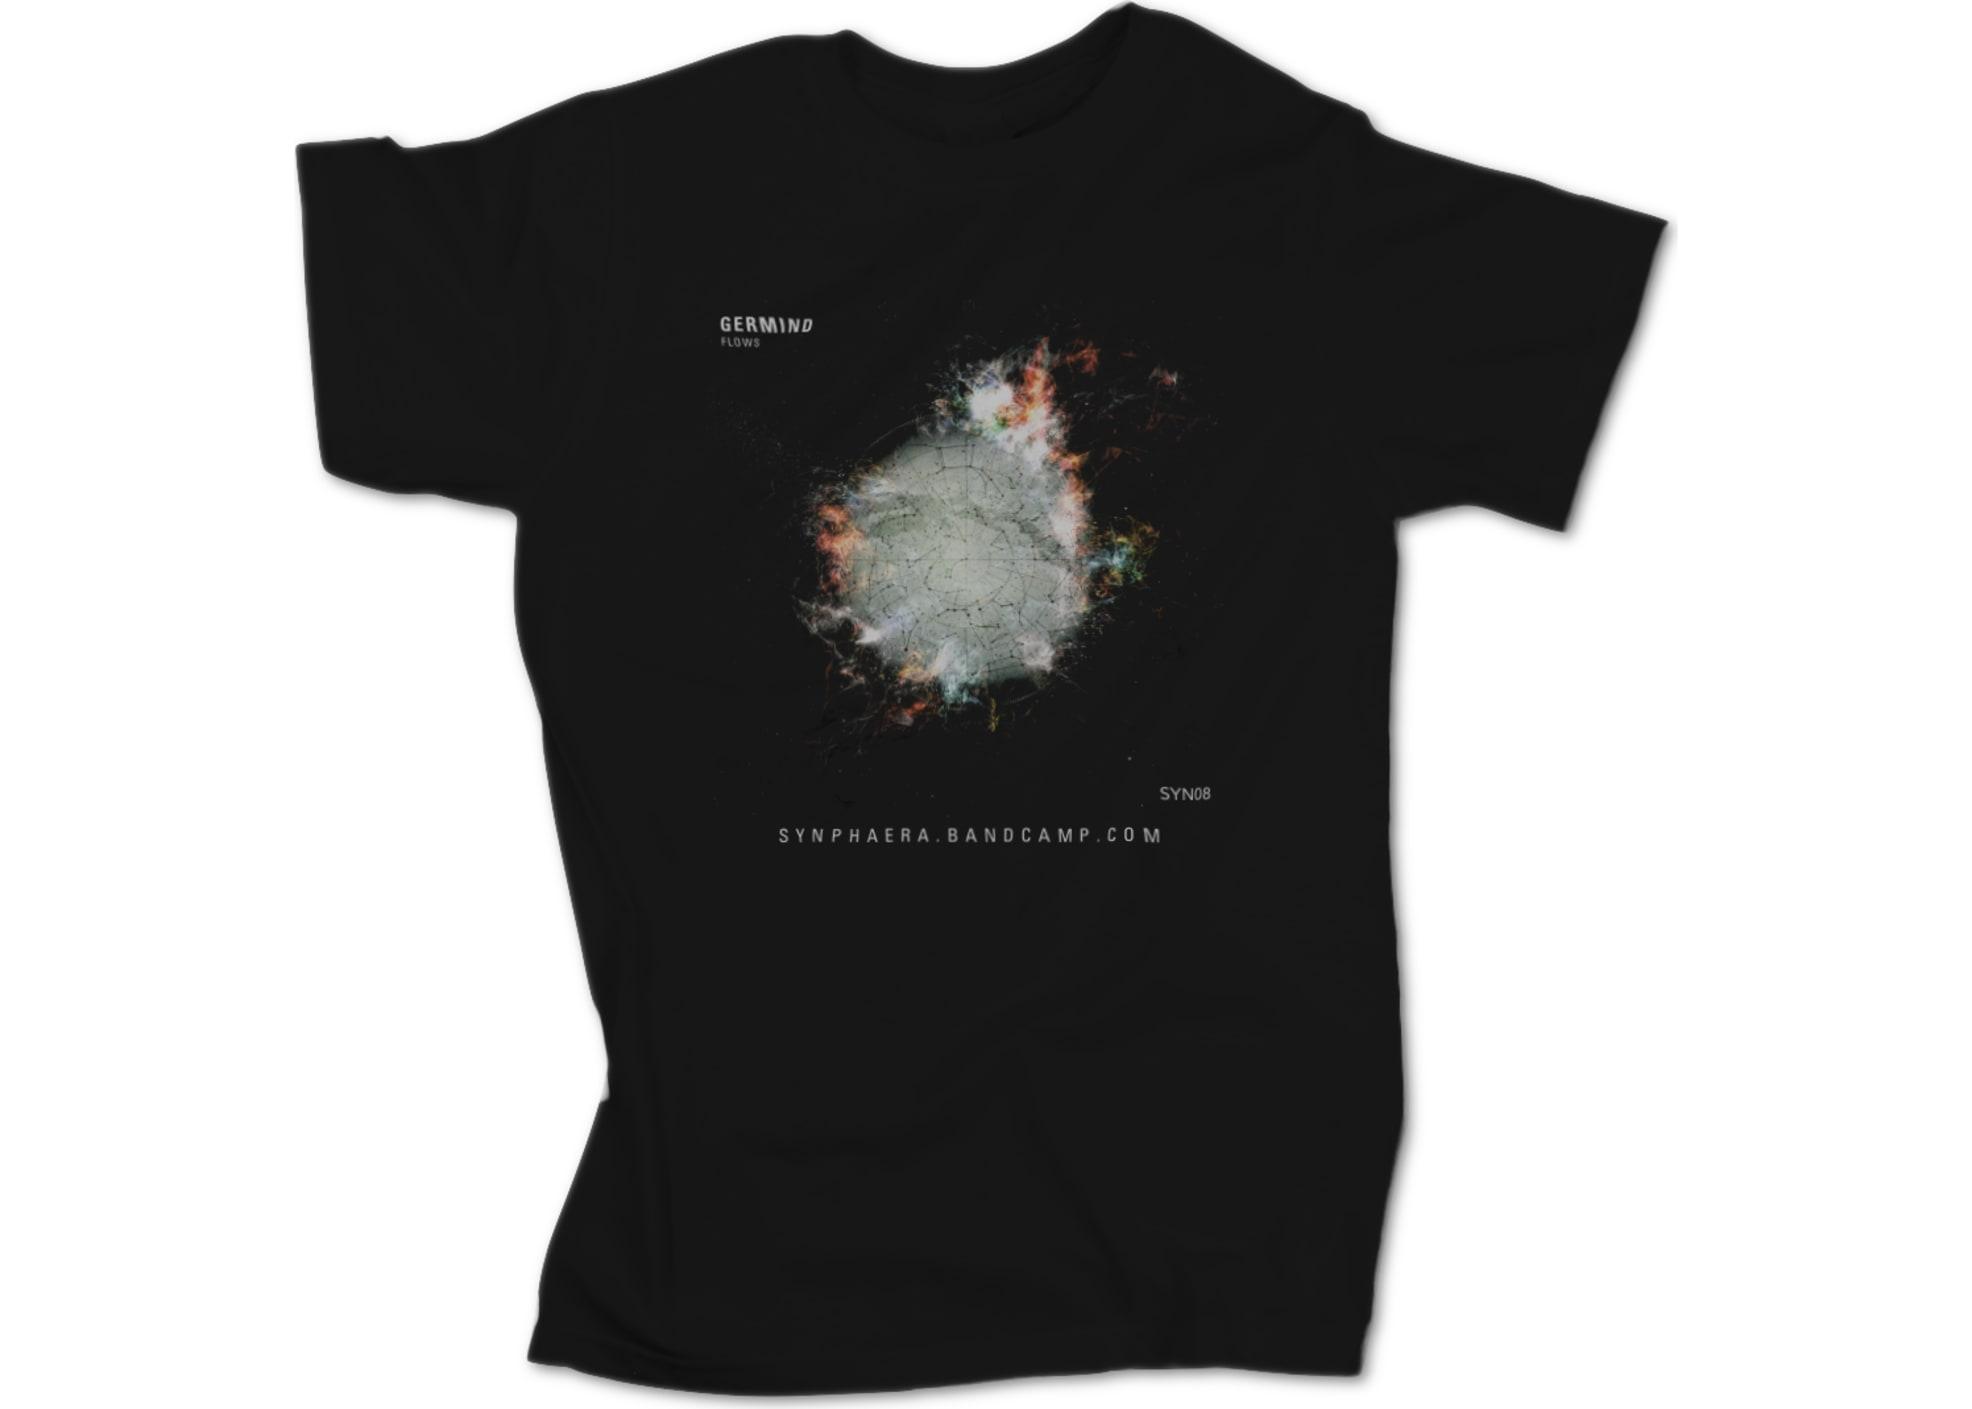 Synphaera germind signature t shirt 1500156598